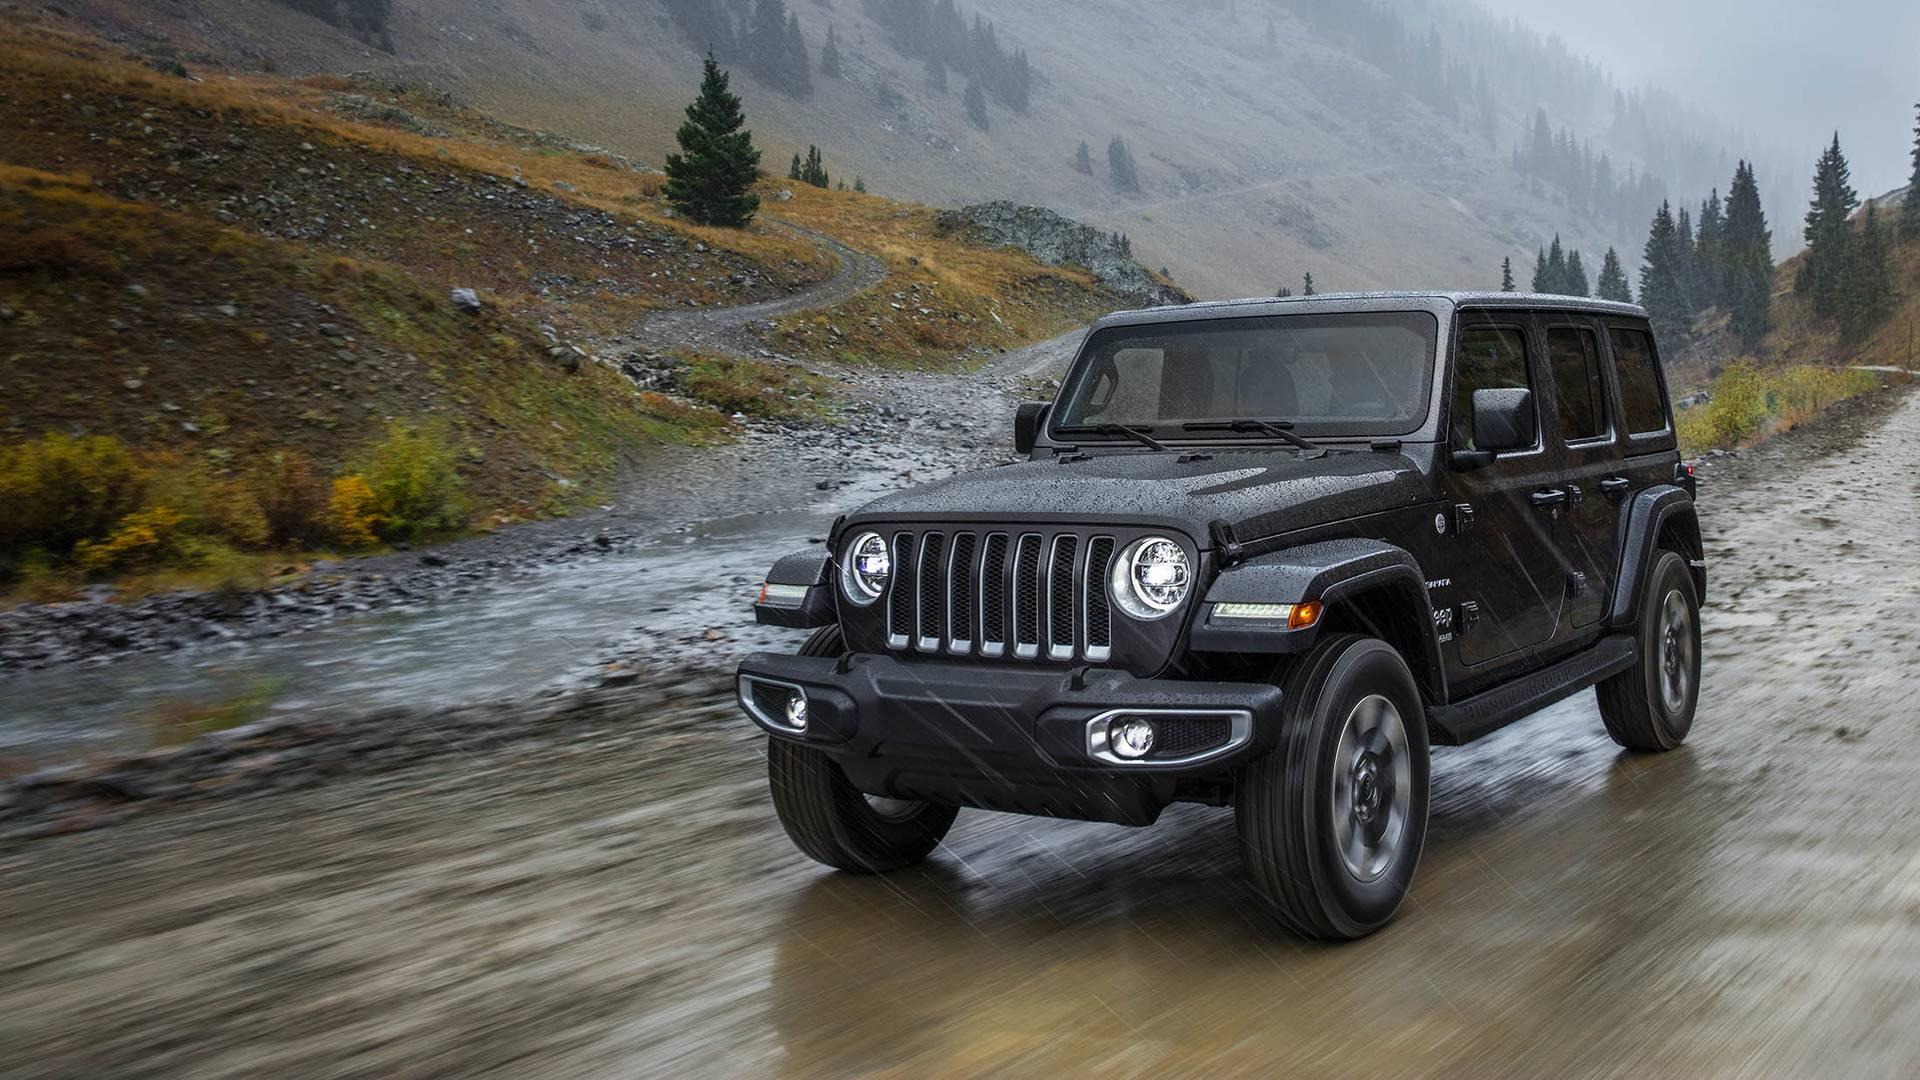 2018 jeep wrangler price list jl starts at 26 995 jlu at 30 495 autoevolution. Black Bedroom Furniture Sets. Home Design Ideas